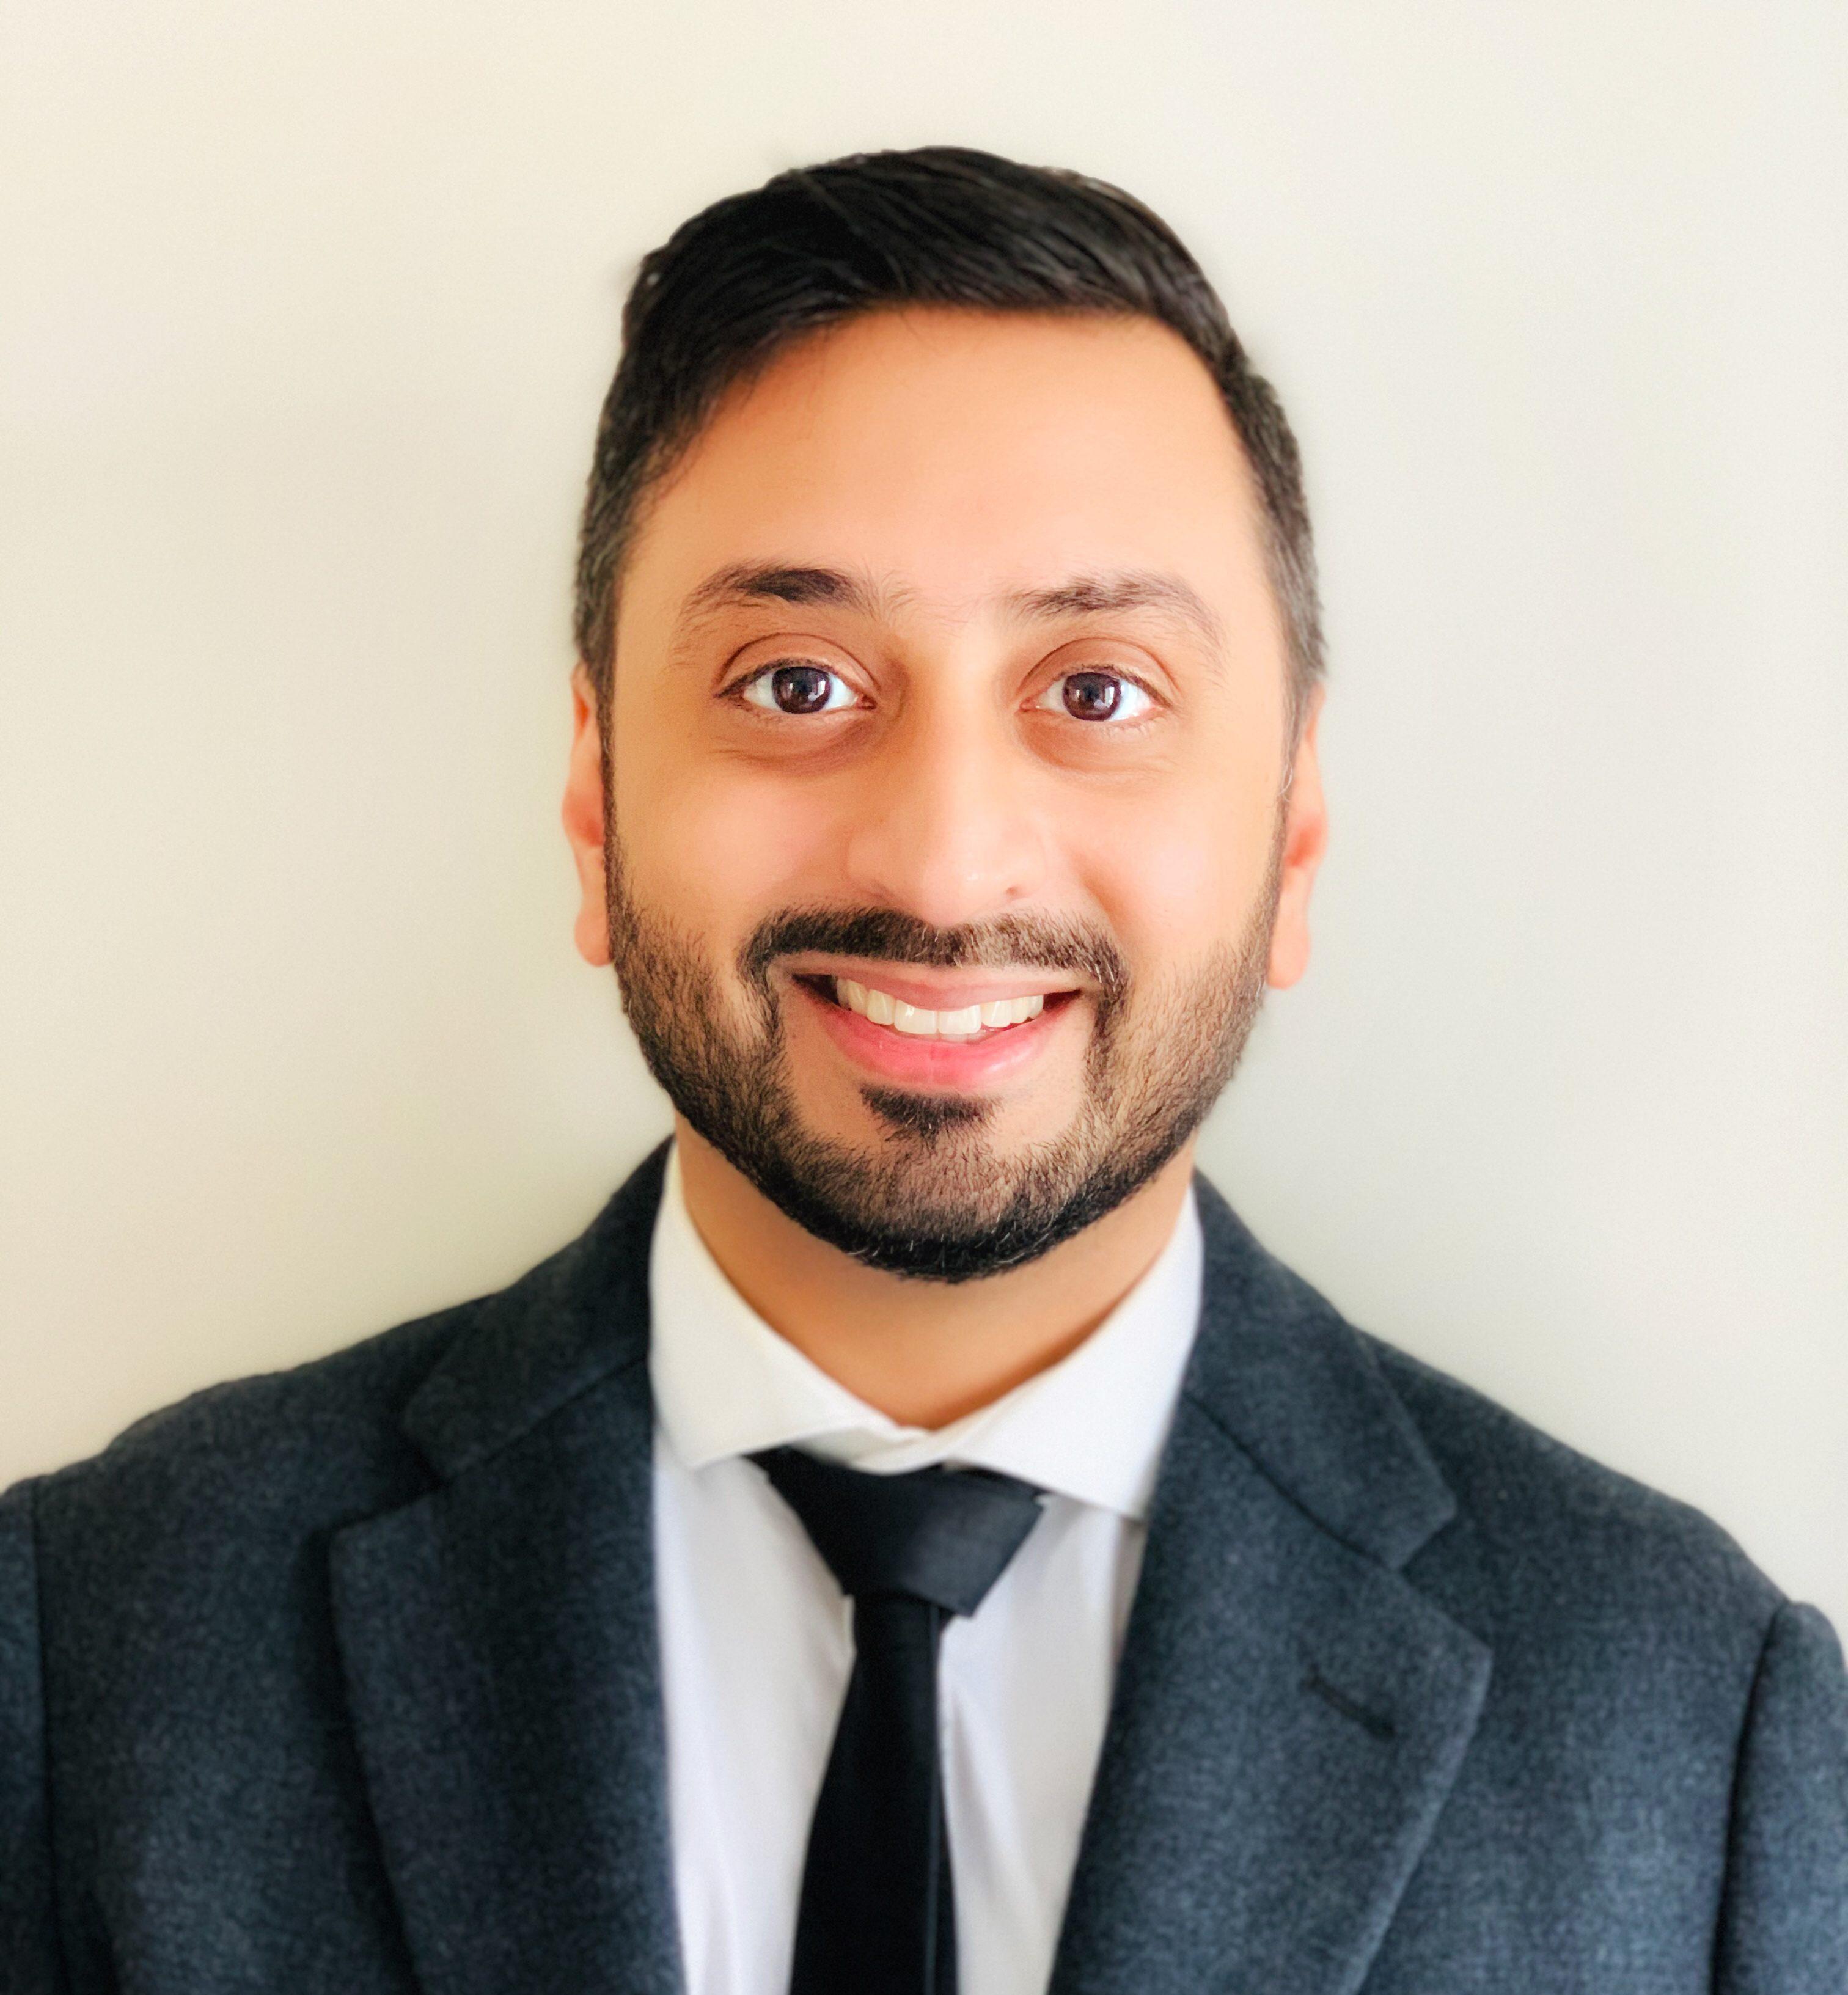 Dr. Ahmad M. Alsayegh